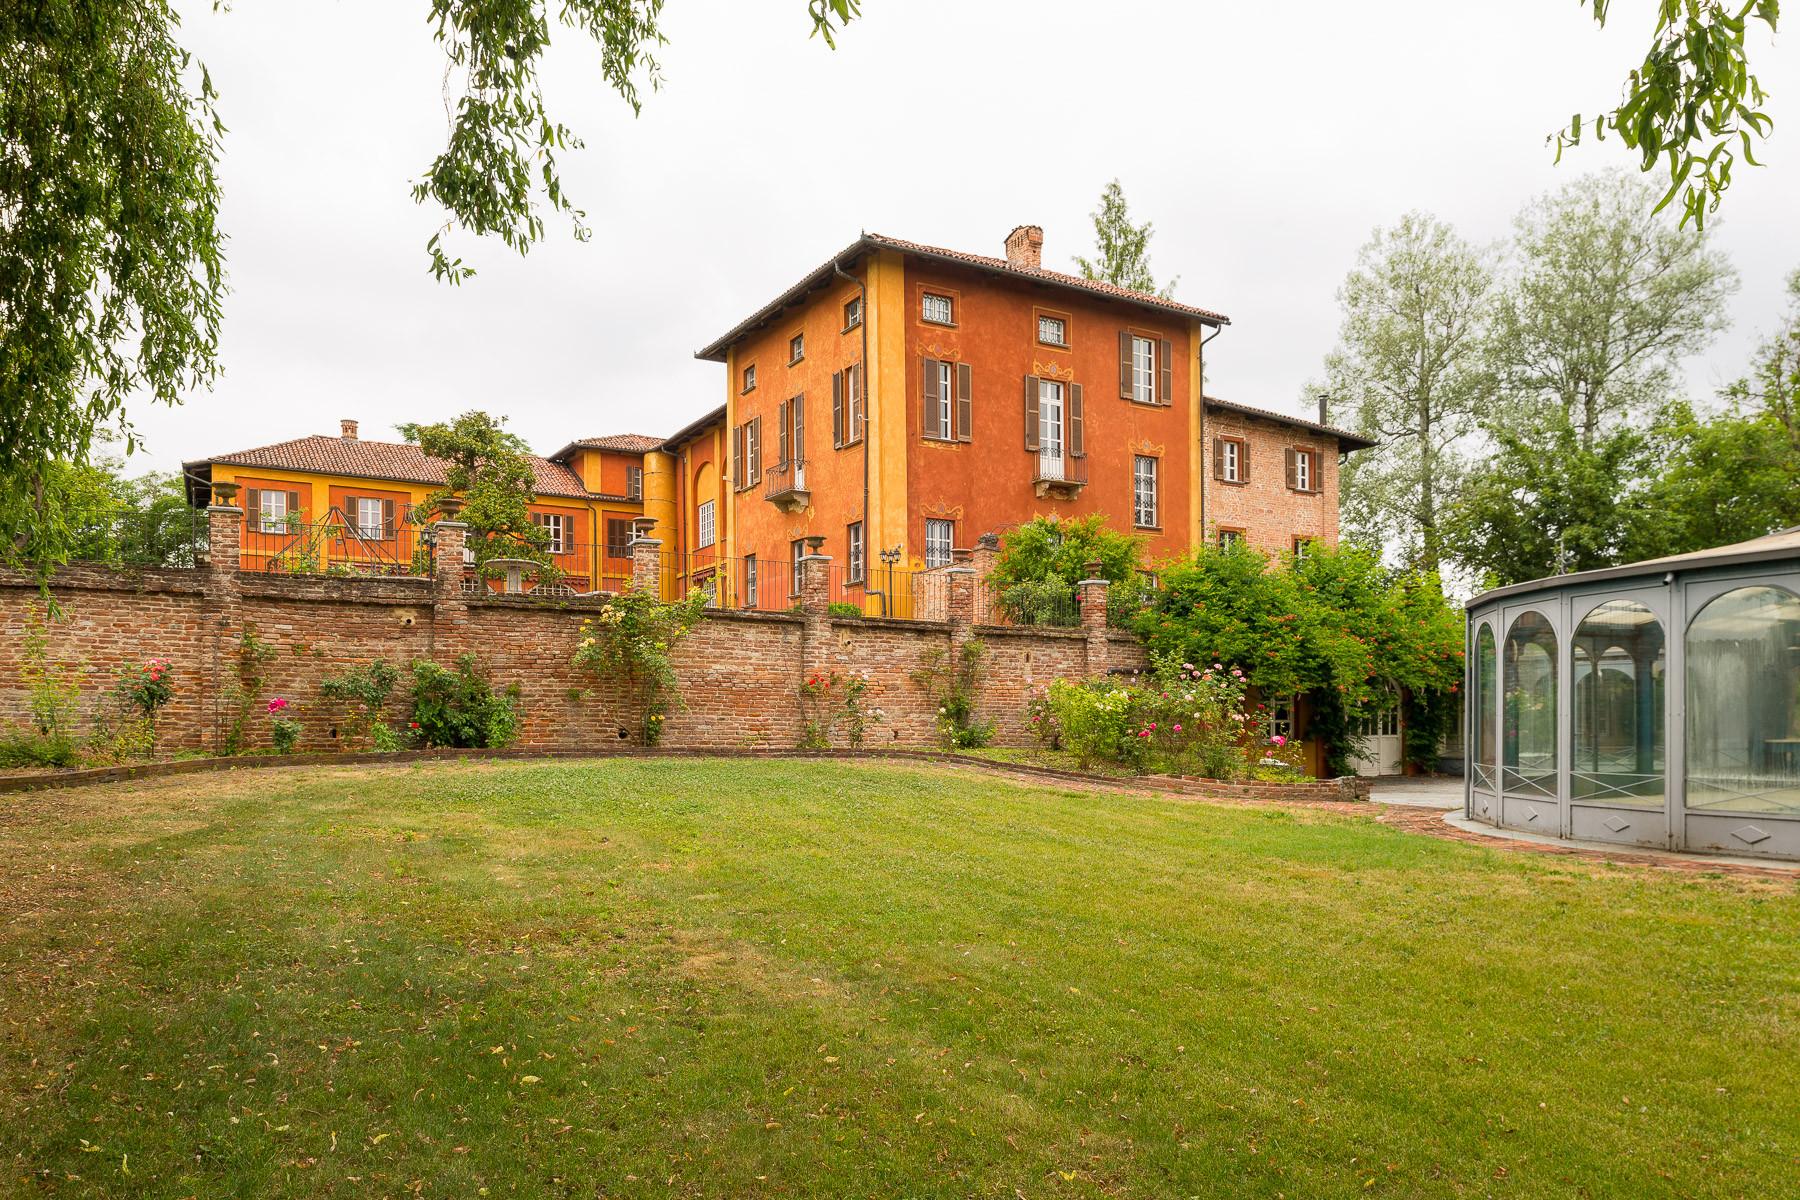 Villa per Vendita alle ore Dimora storica sulle colline astigiane Frazione Lavezzole Other Asti, Asti 14015 Italia